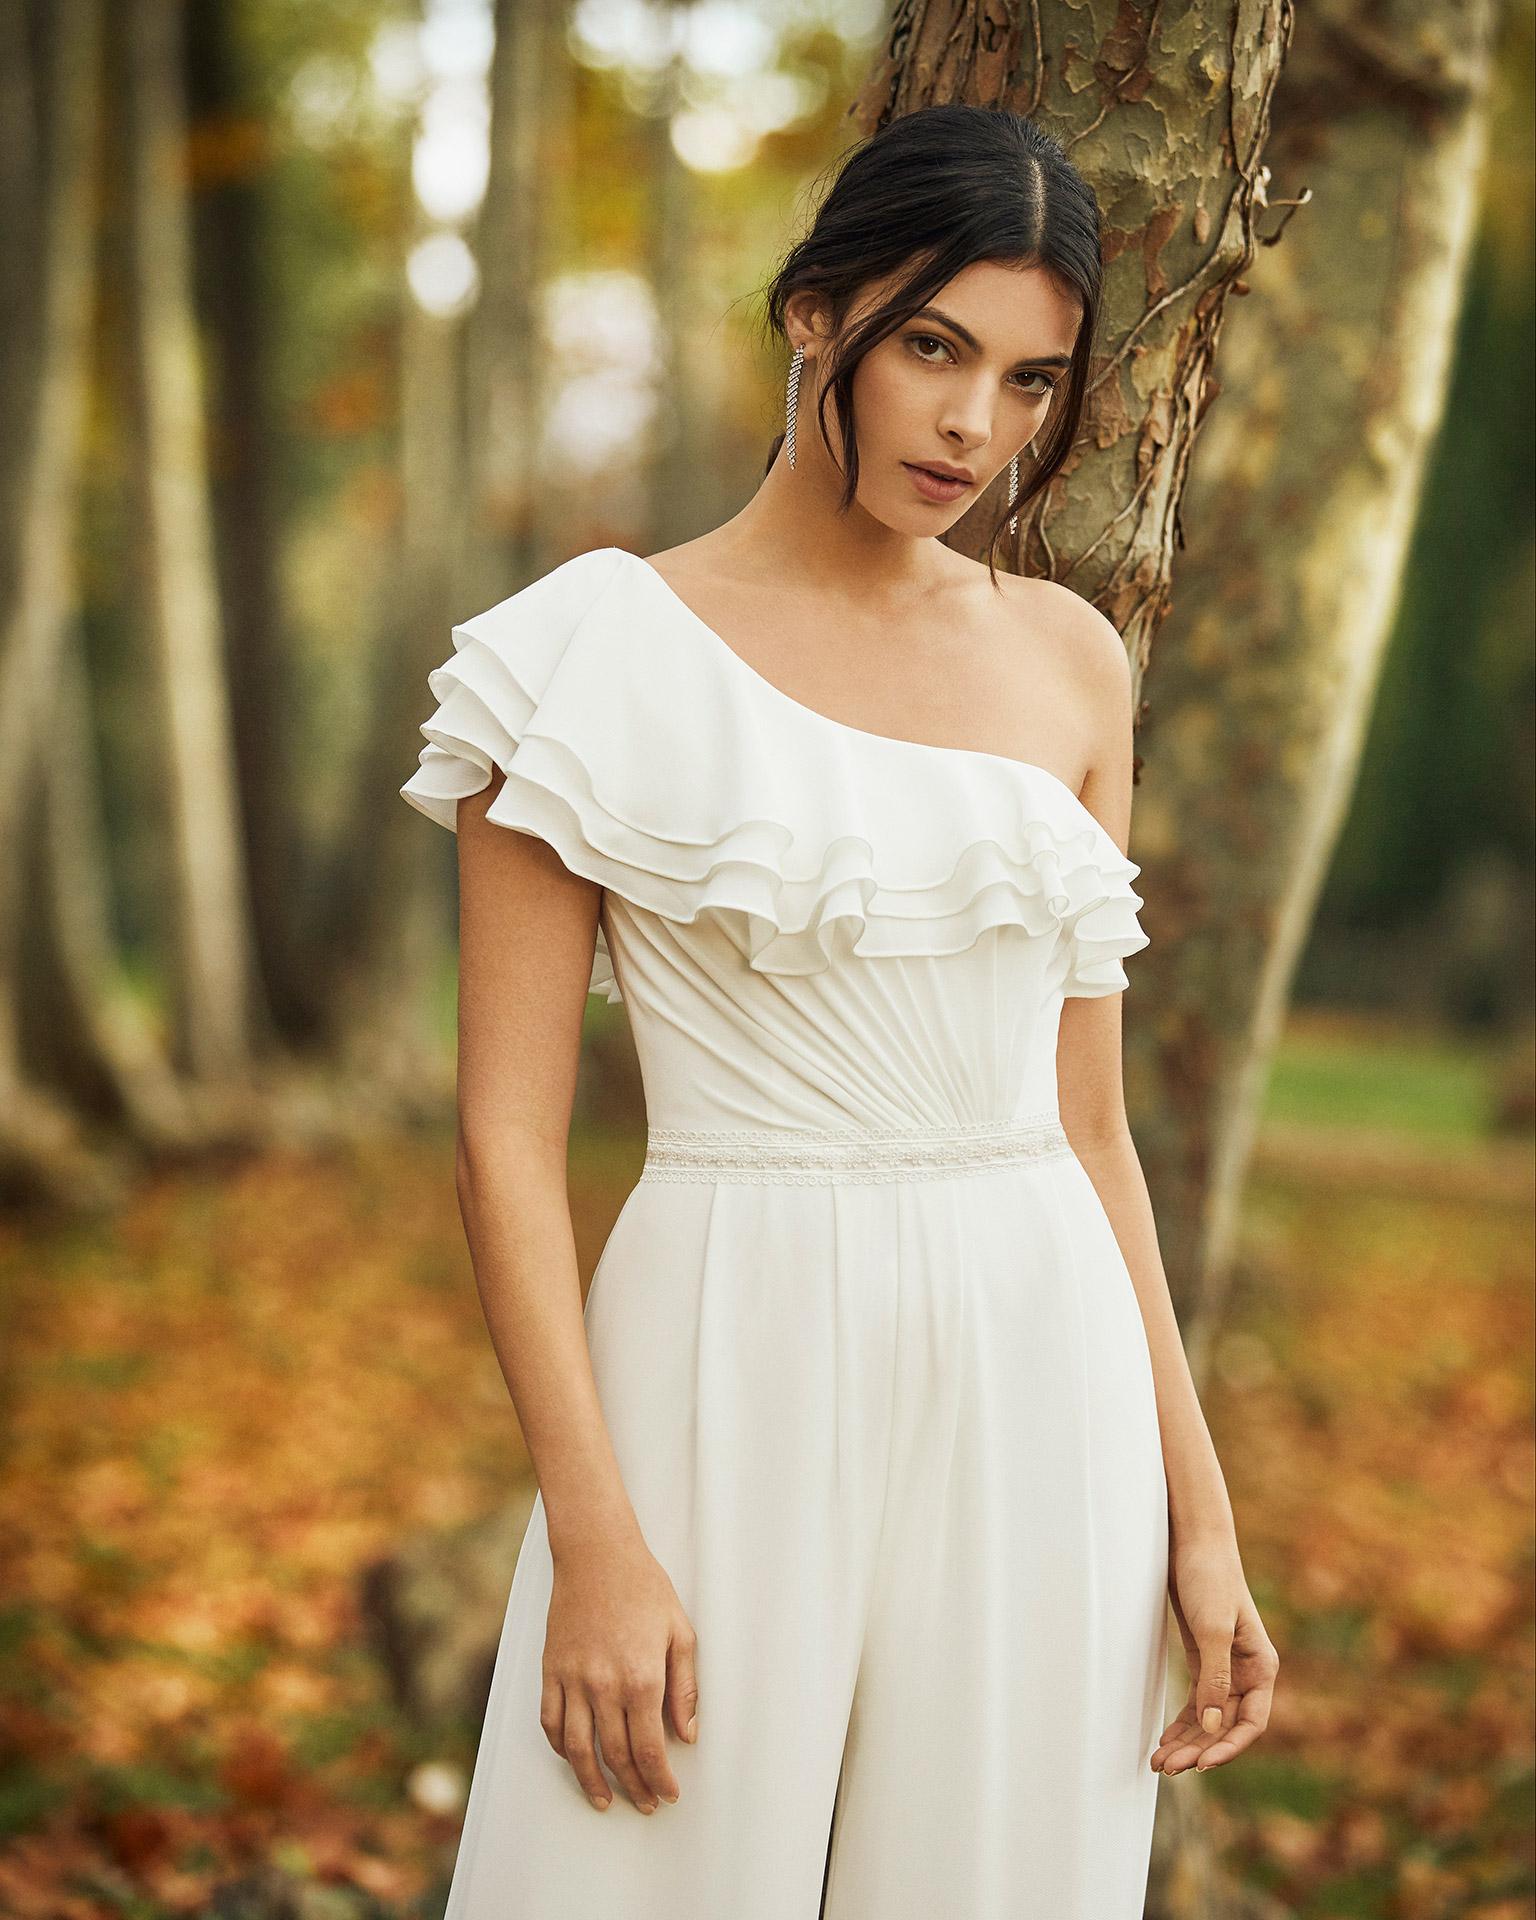 Vestido pantalón de novia de georgette, con escote          asimetrico. Colección ALMA_NOVIA 2020.